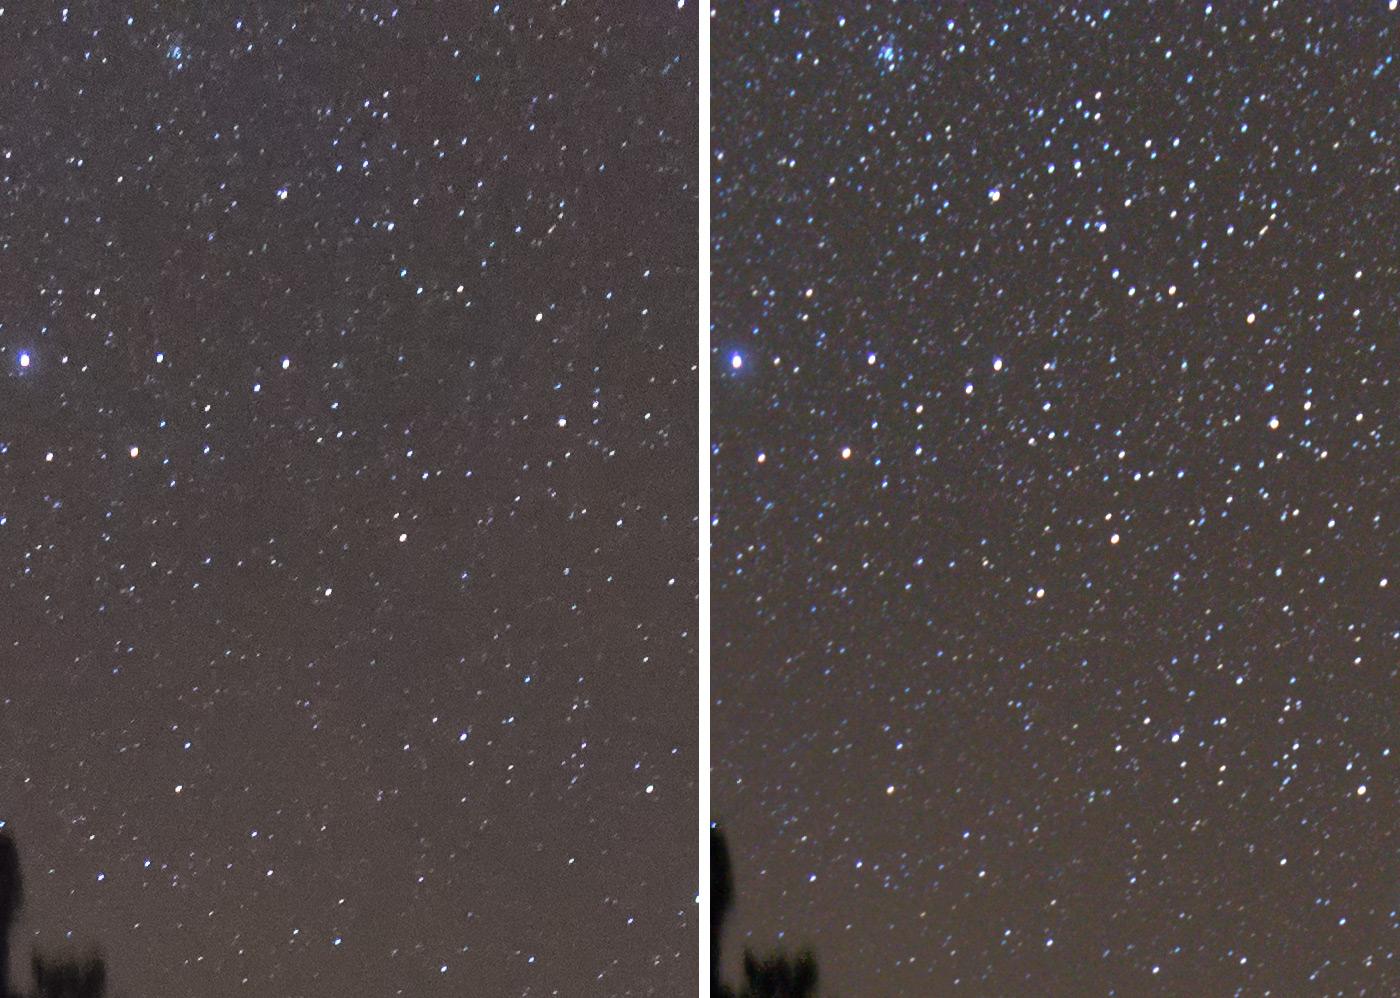 Фотография 13. Сравнение воздействия шумодава на звезды в масштабе 100%, слева – оригинальный кадр после плагина Dfine 2 из набора Nik Collection, справа - 10 кадров сшиты в Sequator. Видно, что слева количество звезд намного меньше. Камера Nikon D610 с объективом Nikon 18-35mm f/3.5-4.5G. 18 mm, ISO 3200, f/3.5, 20 s